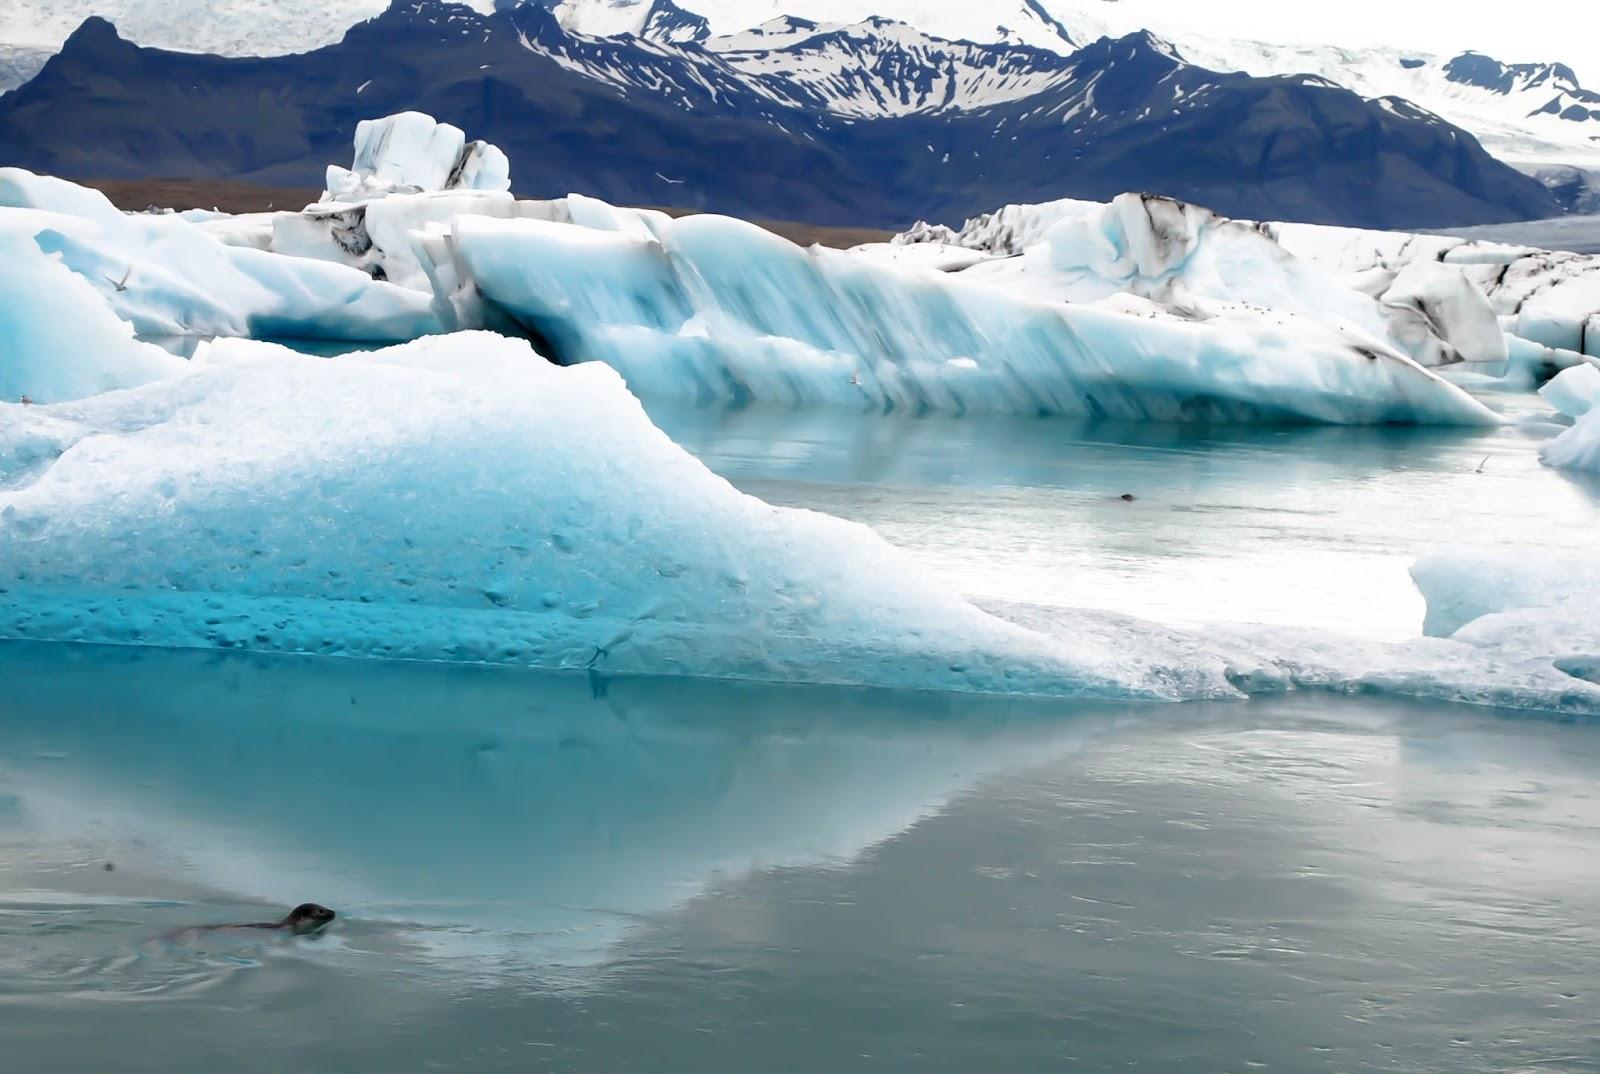 Seals in Jökulsárlón Glacier Lagoon in Iceland